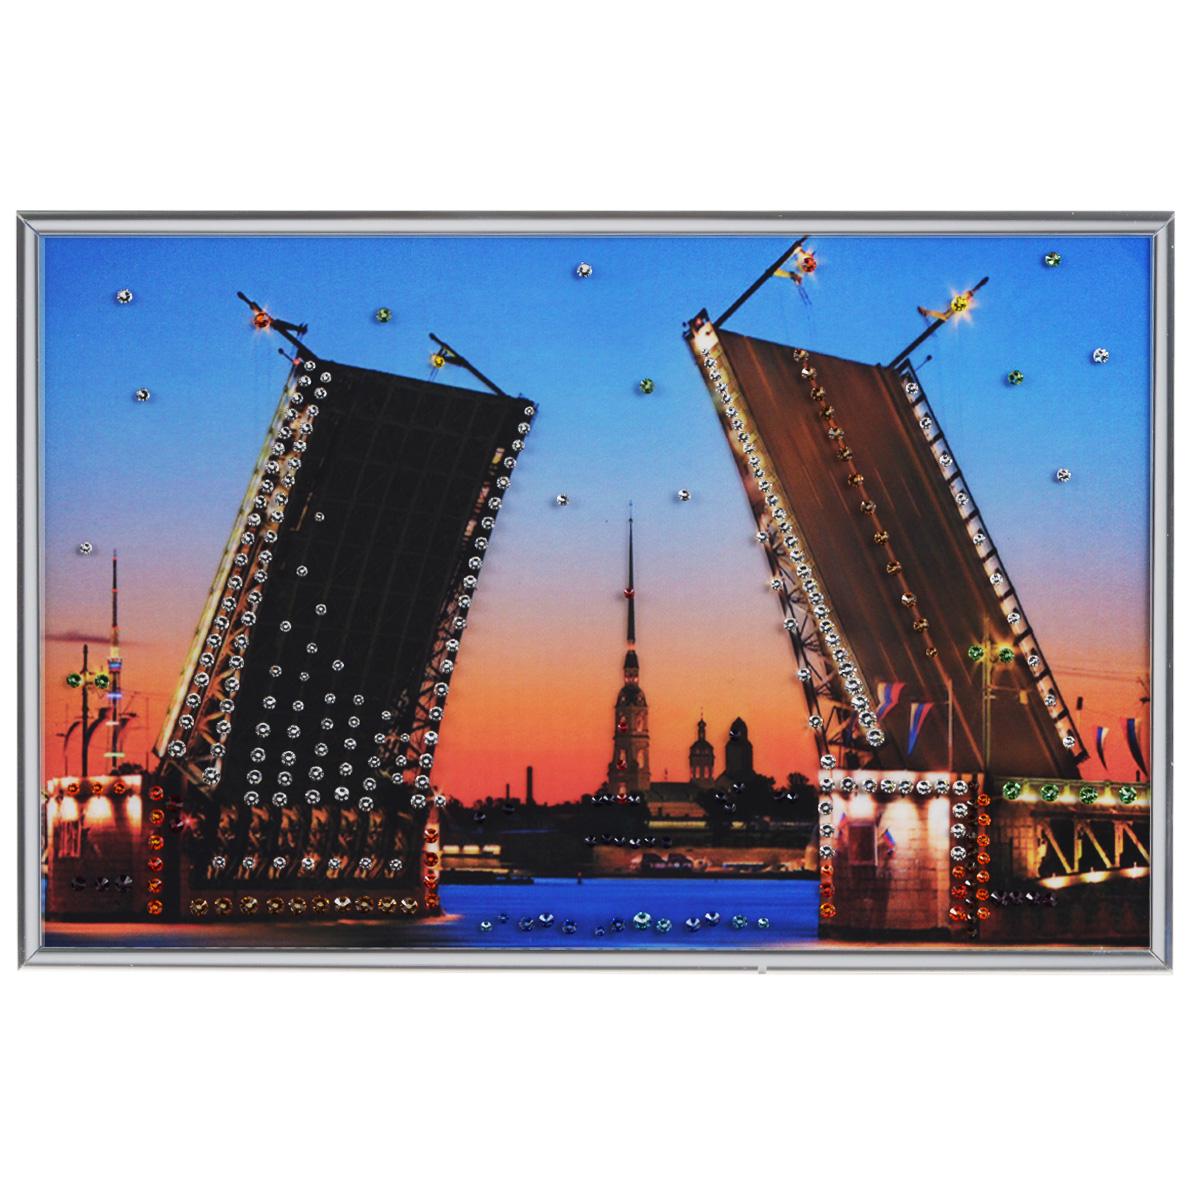 Картина с кристаллами Swarovski Дворцовый мост, 30 см х 20 см12723Изящная картина в металлической раме, инкрустирована кристаллами Swarovski, которые отличаются четкой и ровной огранкой, ярким блеском и чистотой цвета. Красочное изображение дворцового моста, расположенное под стеклом, прекрасно дополняет блеск кристаллов. С обратной стороны имеется металлическая петелька для размещения картины на стене.Картина с кристаллами Swarovski Дворцовый мост элегантно украсит интерьер дома или офиса, а также станет прекрасным подарком, который обязательно понравится получателю. Блеск кристаллов в интерьере, что может быть сказочнее и удивительнее. Картина упакована в подарочную картонную коробку синего цвета и комплектуется сертификатом соответствия Swarovski.